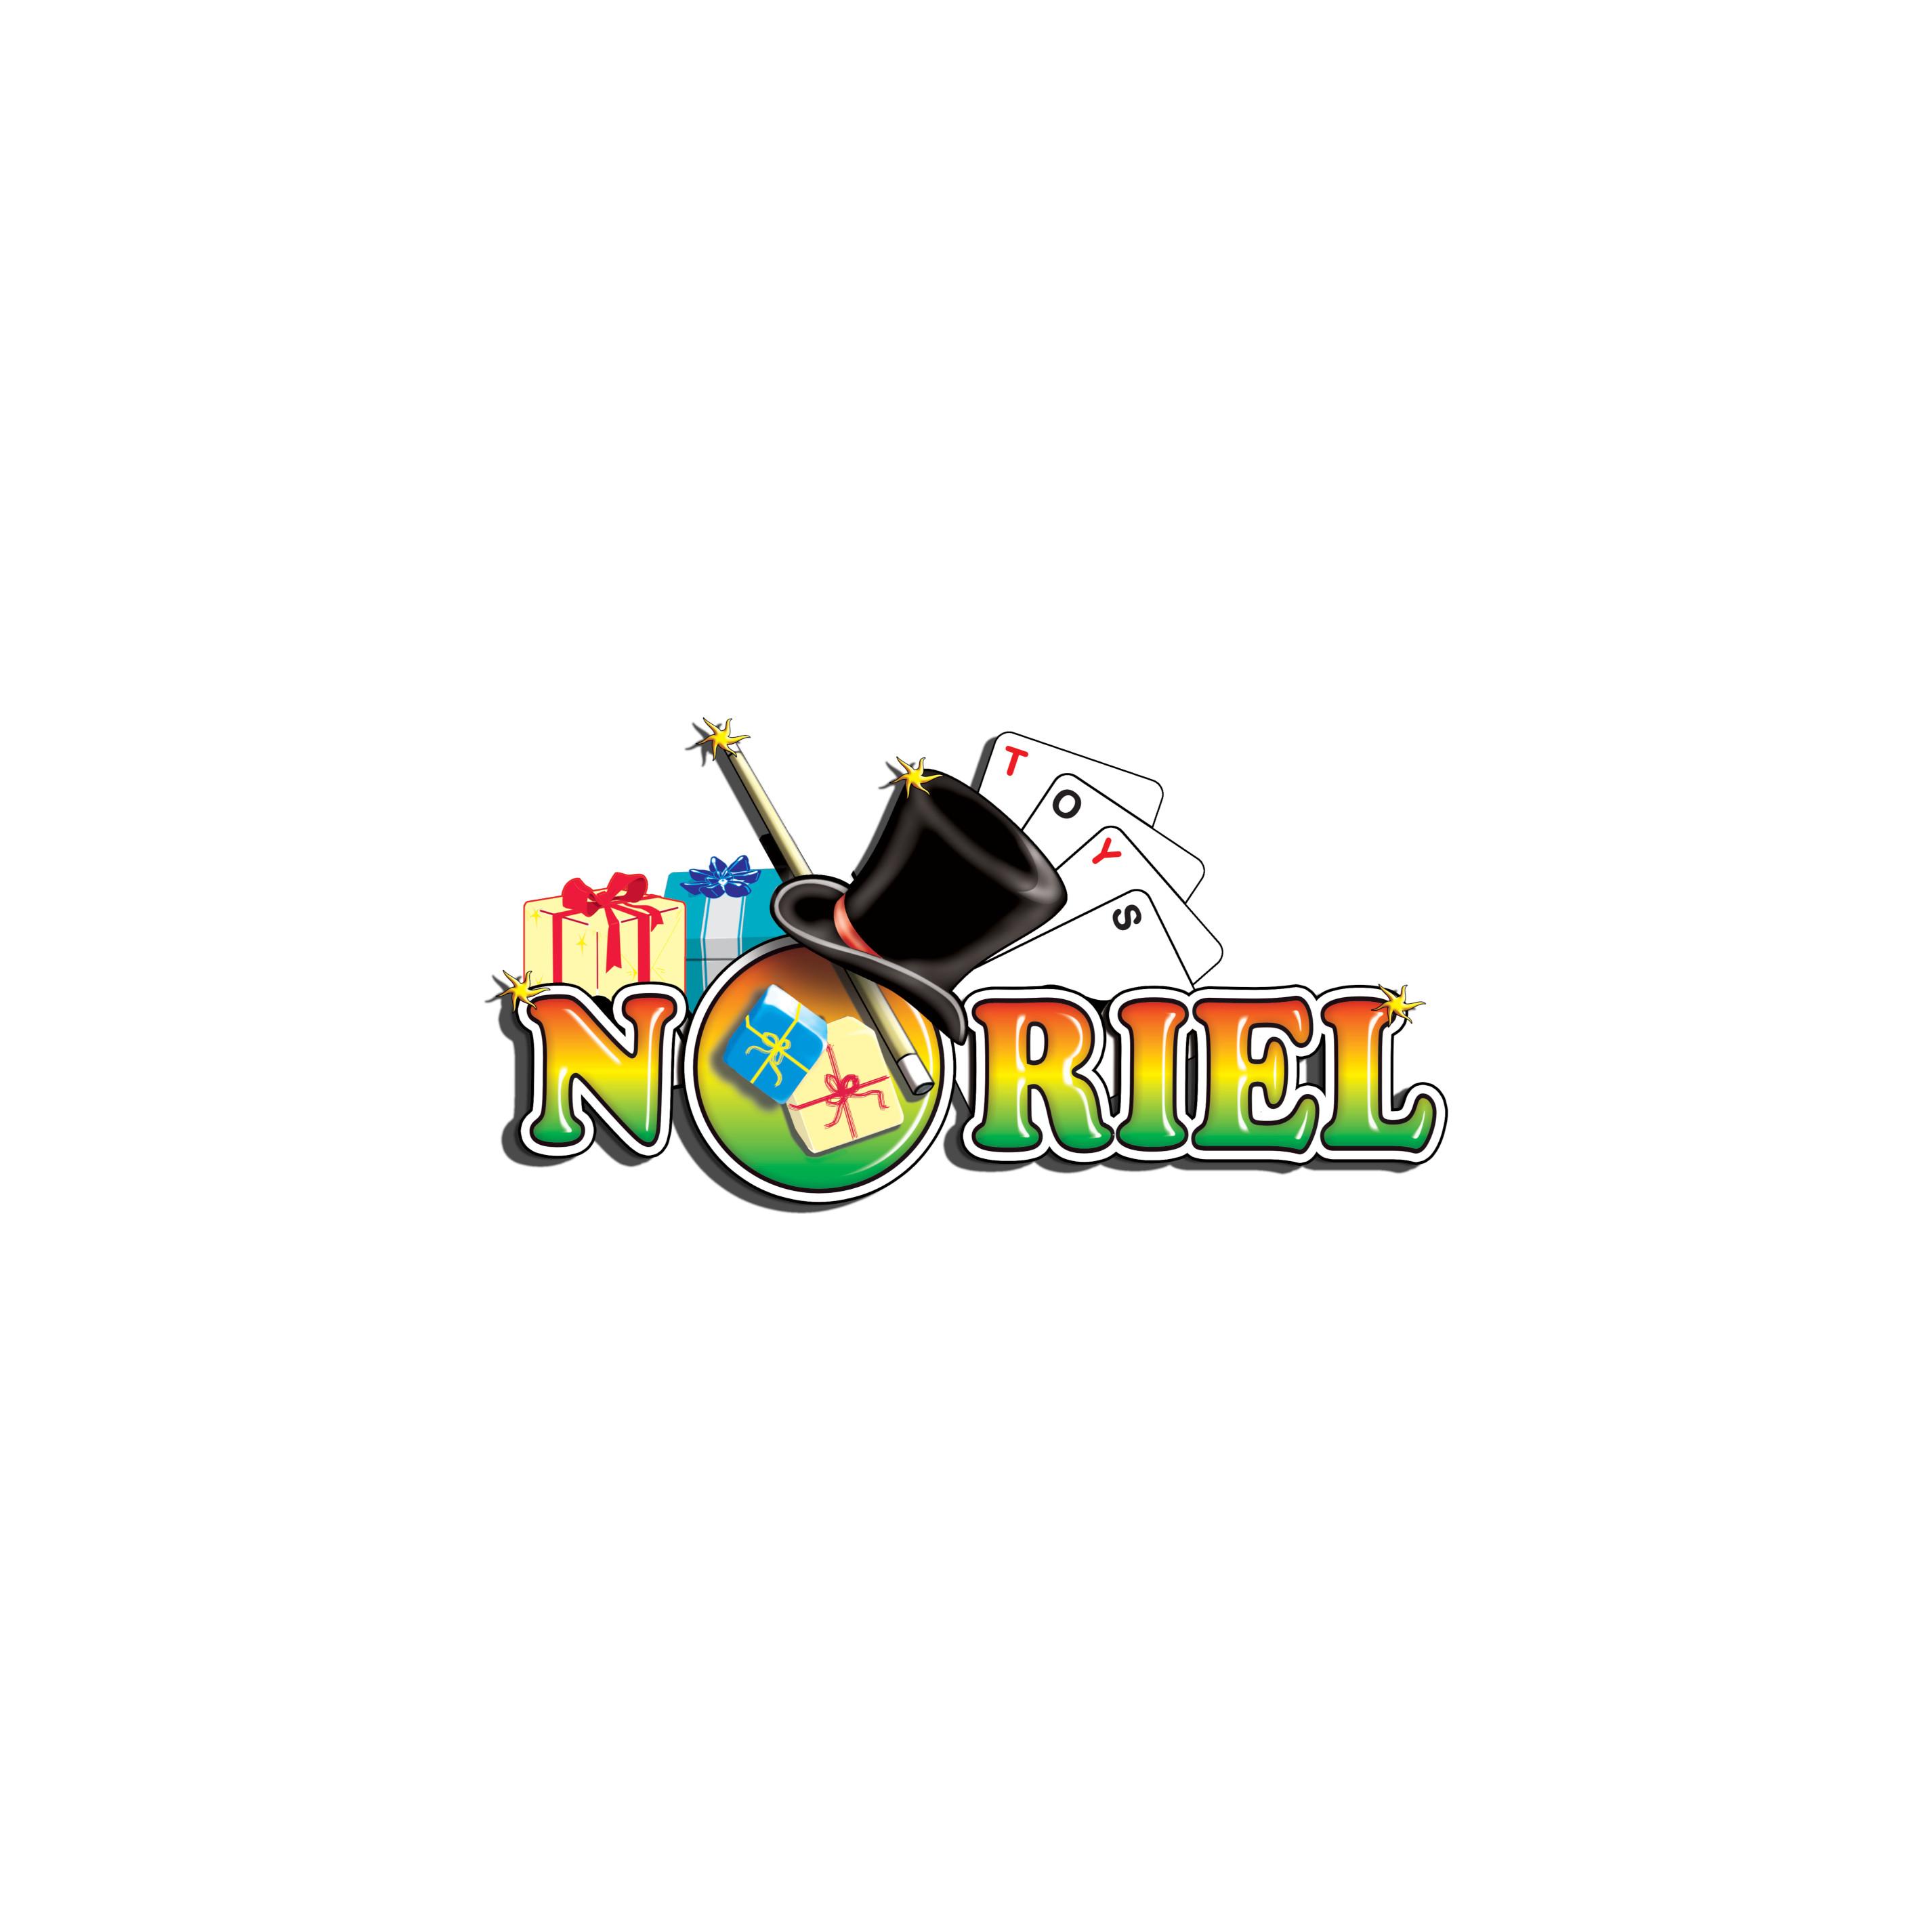 NOR4406_001w Joc interactiv Noriel - Cine stie castiga - Regatul animalelor